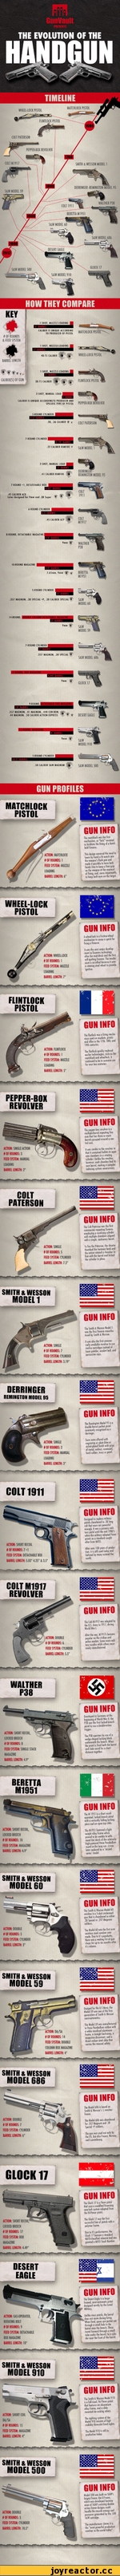 """^4'*» & FEED SYSTEM il iN !S '21 !3k !Sf 'r* Li GUN INFO I; il® GUN INFO MÜP^   îsaSS"""" GUN INFO i I S« *1 Ïl3L GL0CK17"""